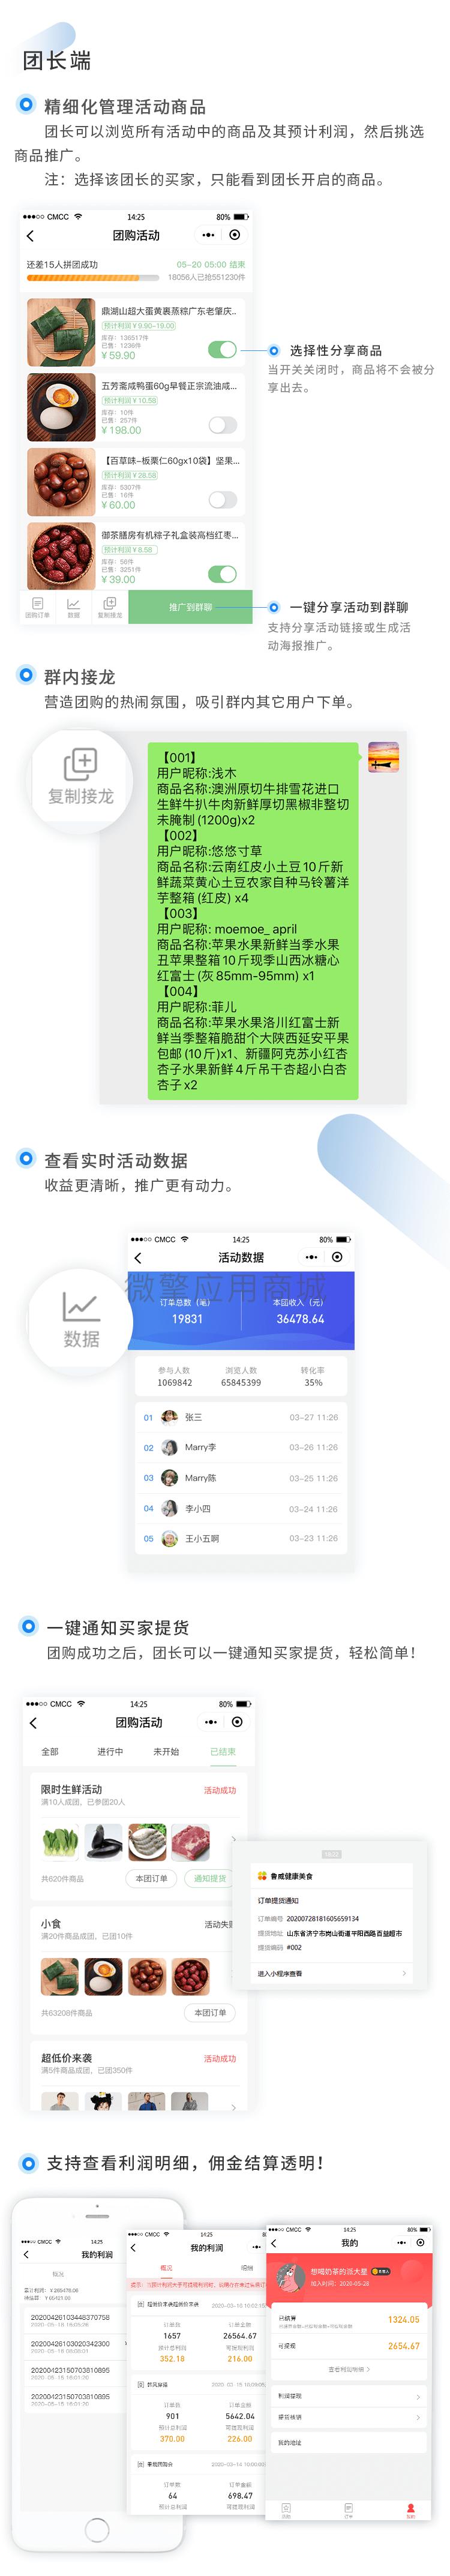 社区团购_03.png